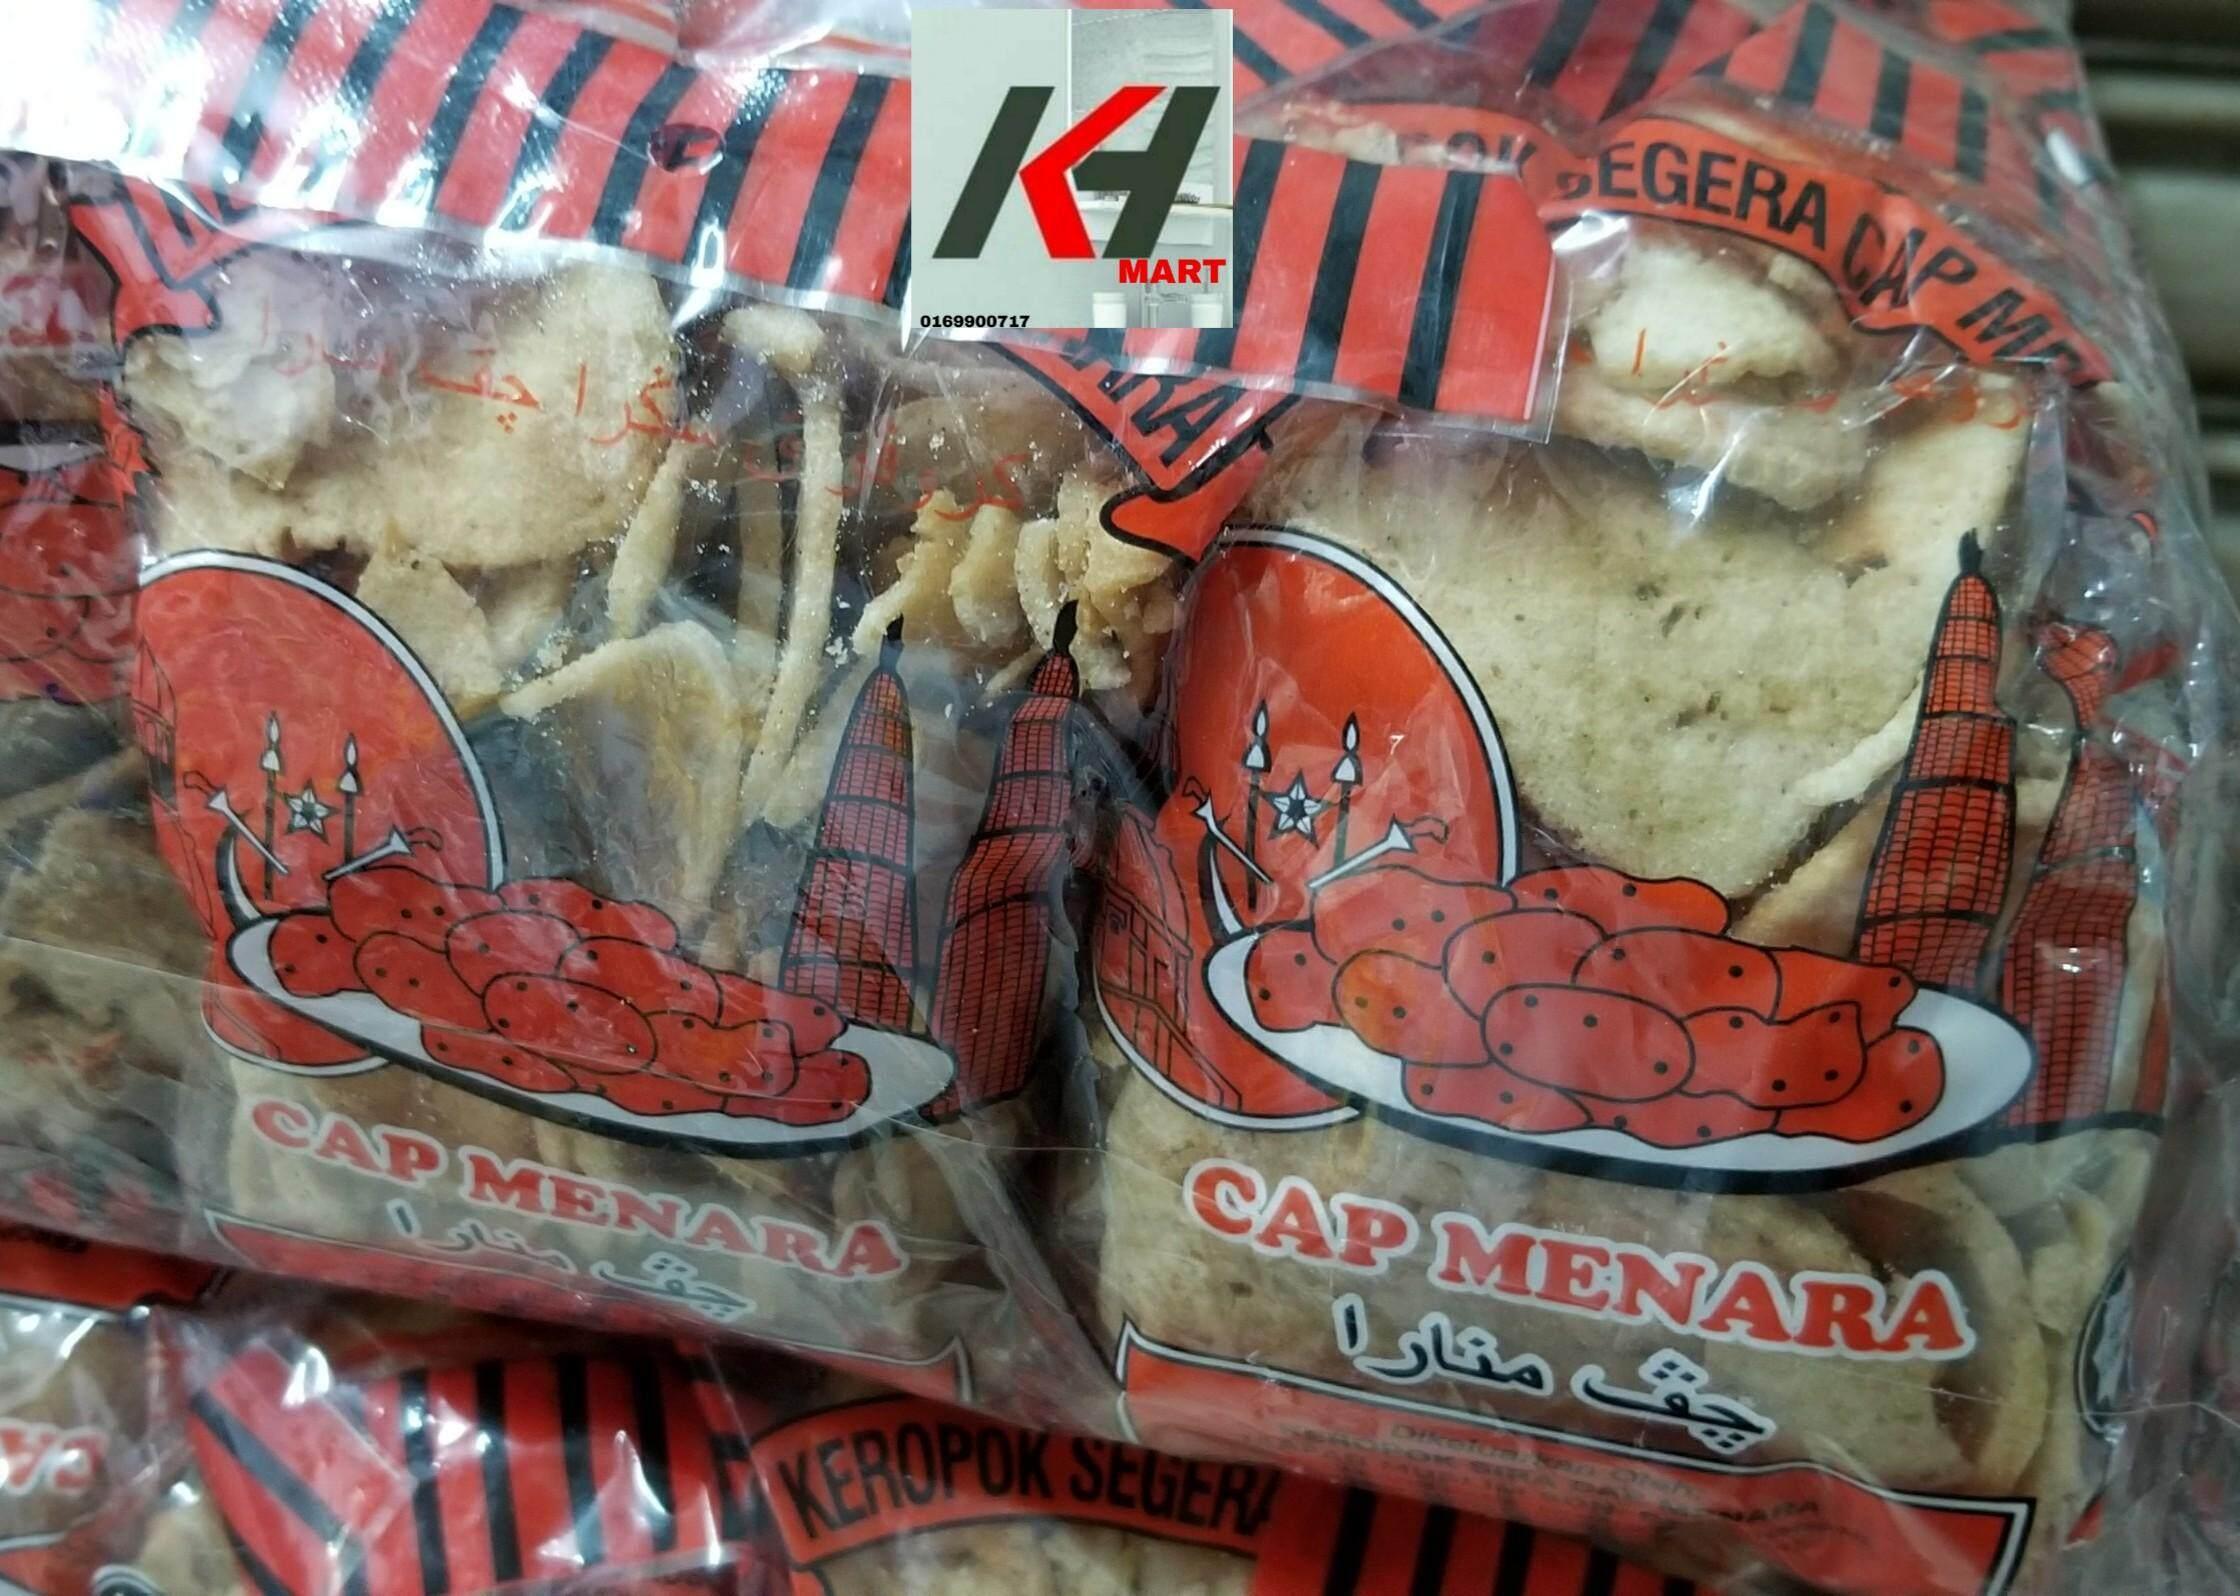 KEROPOK SIRA MAS MADU  BERPERISA CAP MENARA   BIASA READY STOCK